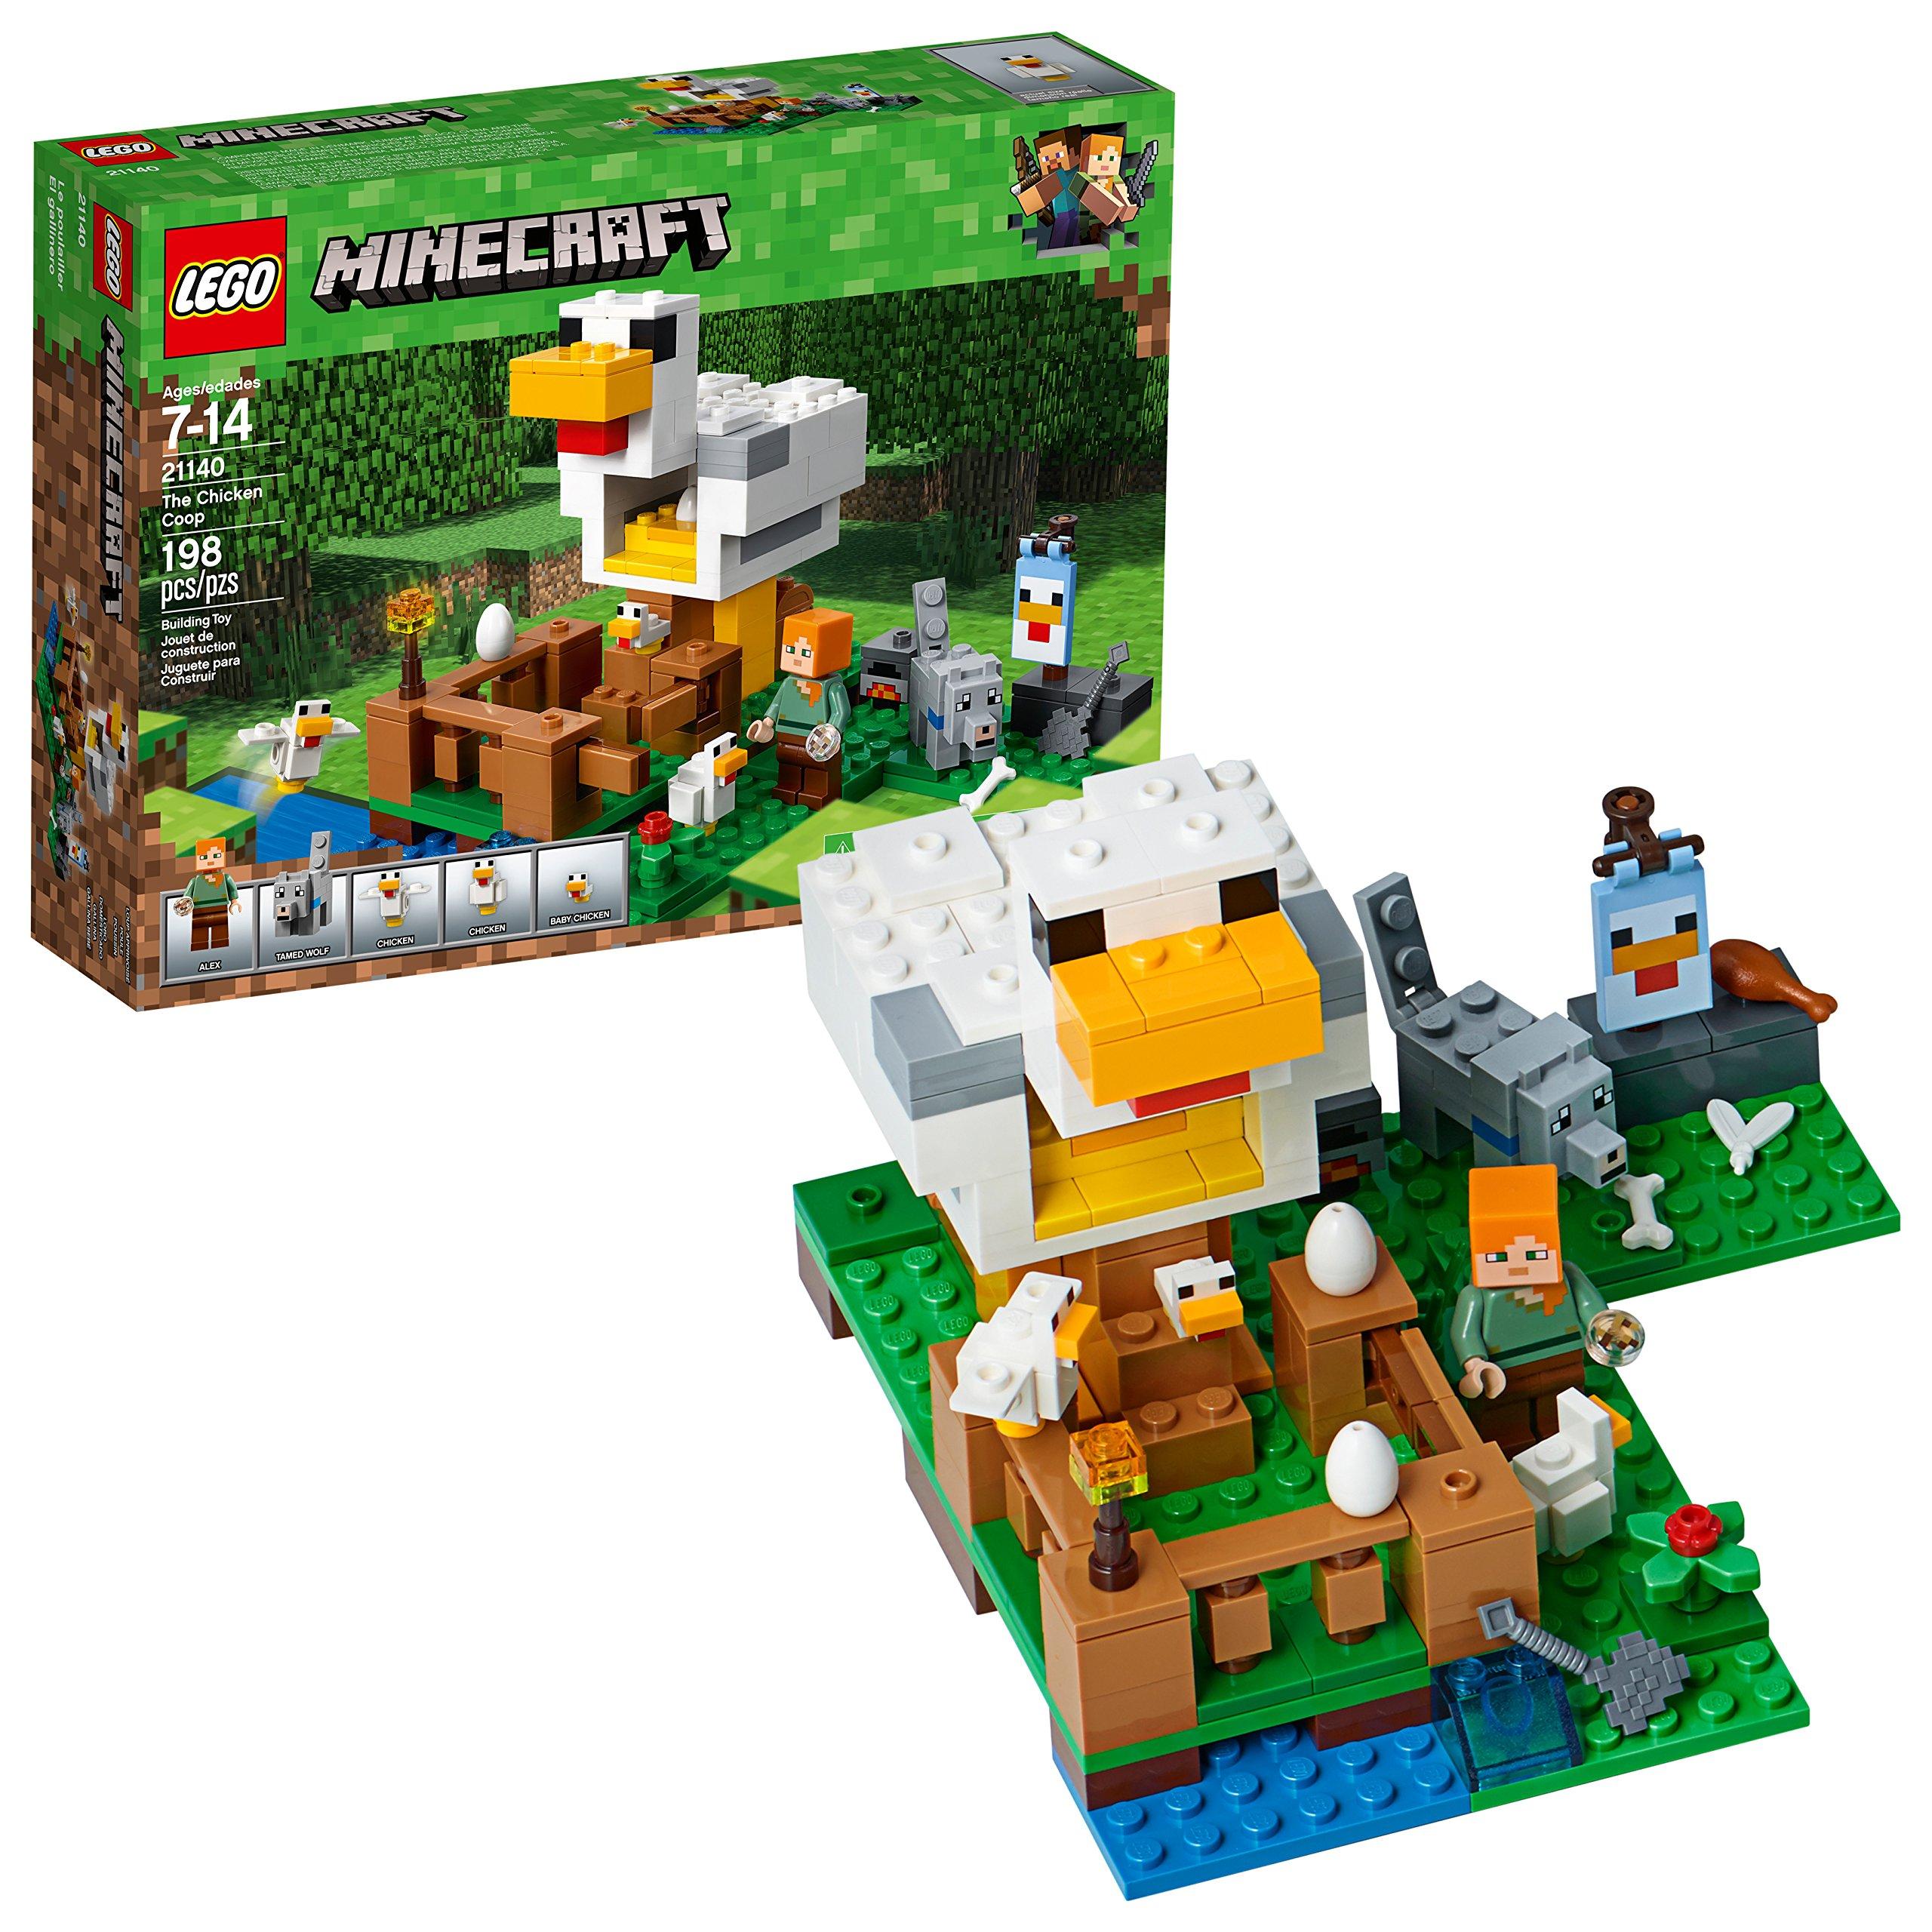 LEGO Minecraft The Chicken Coop 21140 Building Kit (198 Piece)